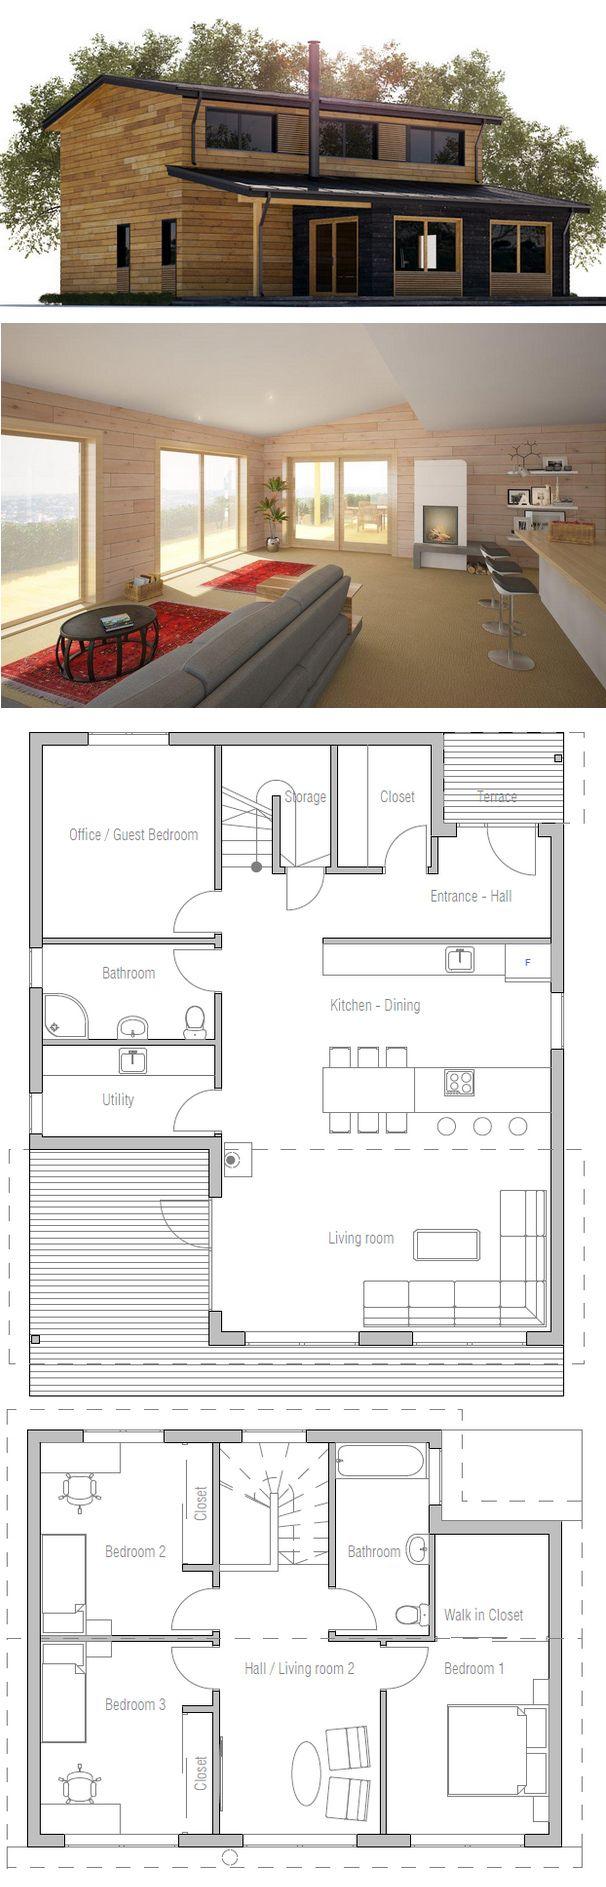 Oltre 25 fantastiche idee su piantine di case su pinterest for Piccole planimetrie a 2 piani